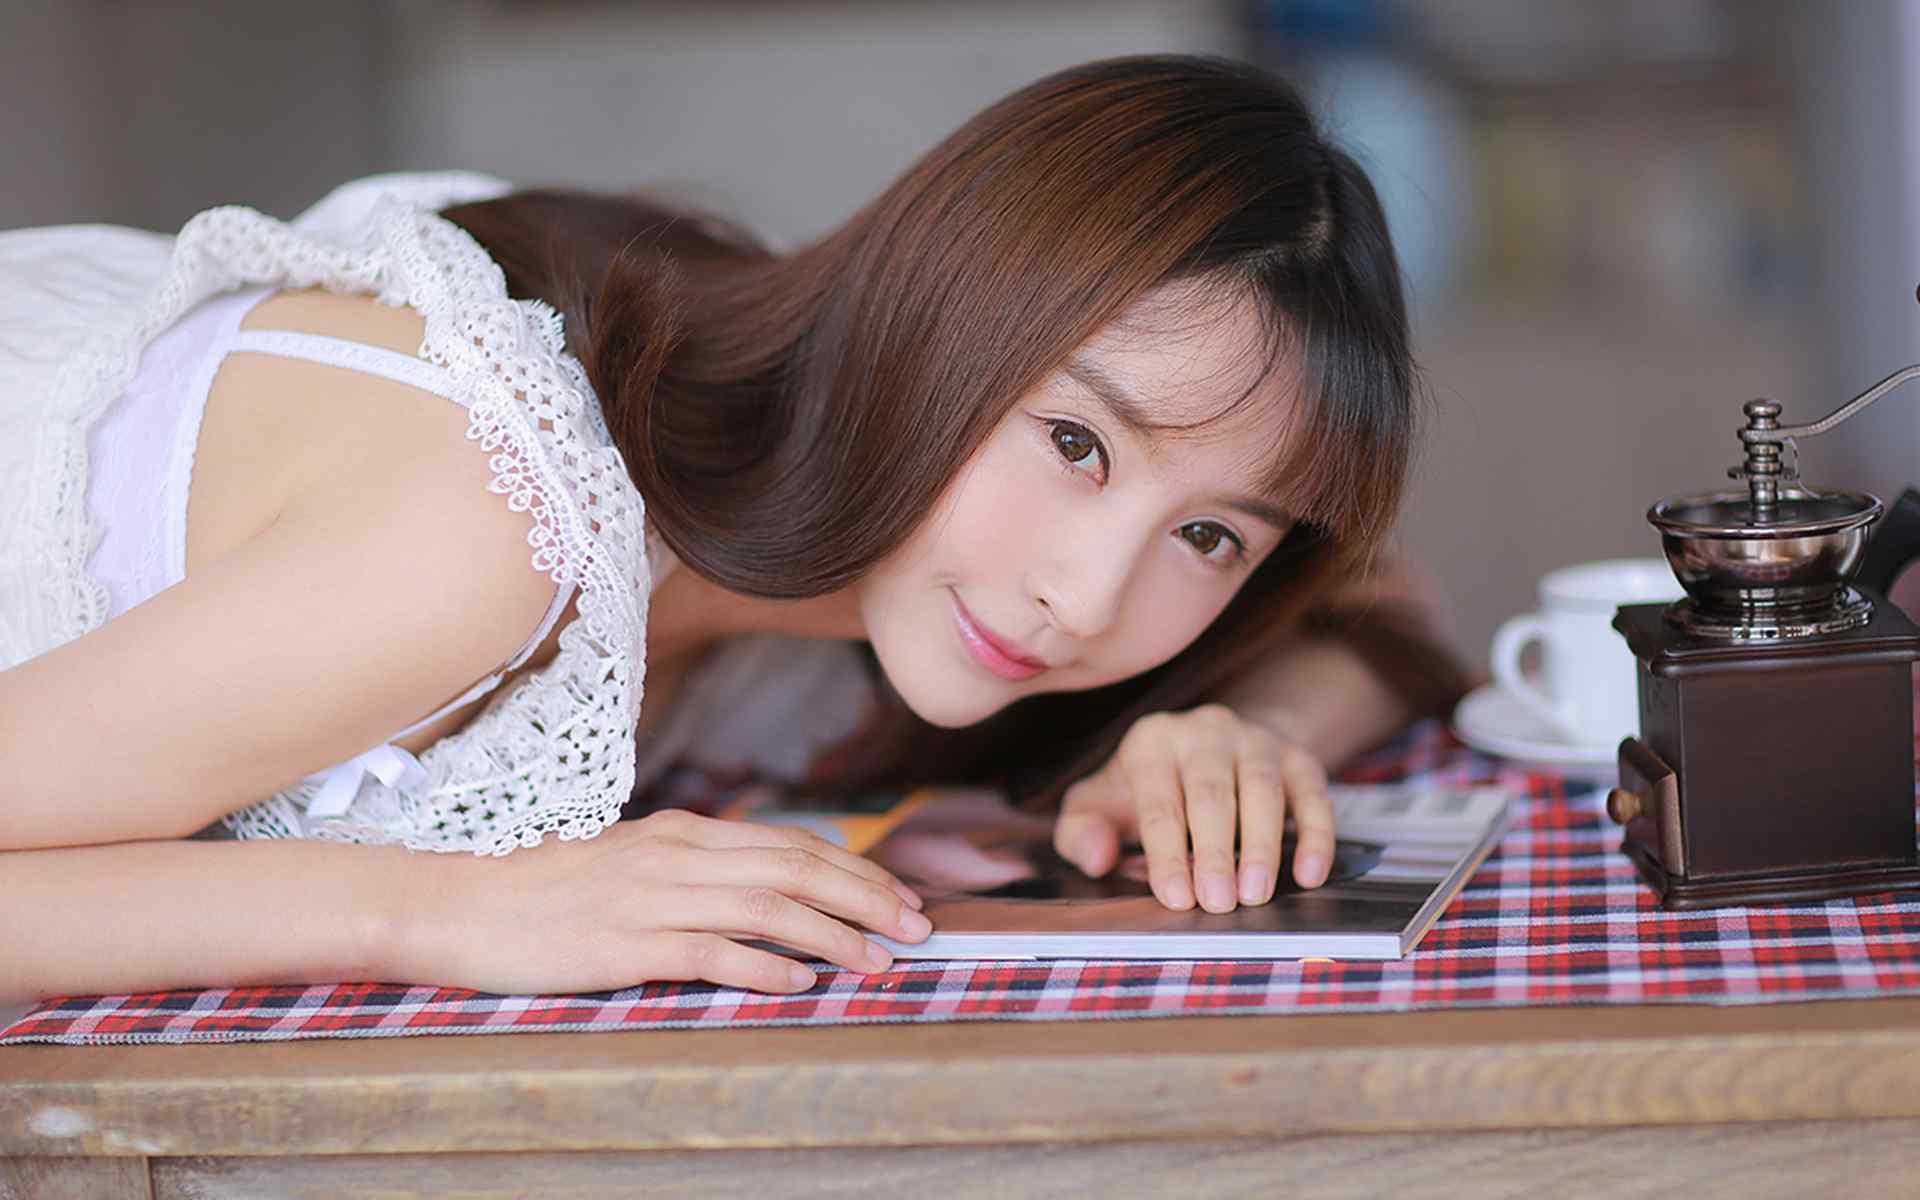 白纱长裙美女性感写真高清电脑桌面壁纸